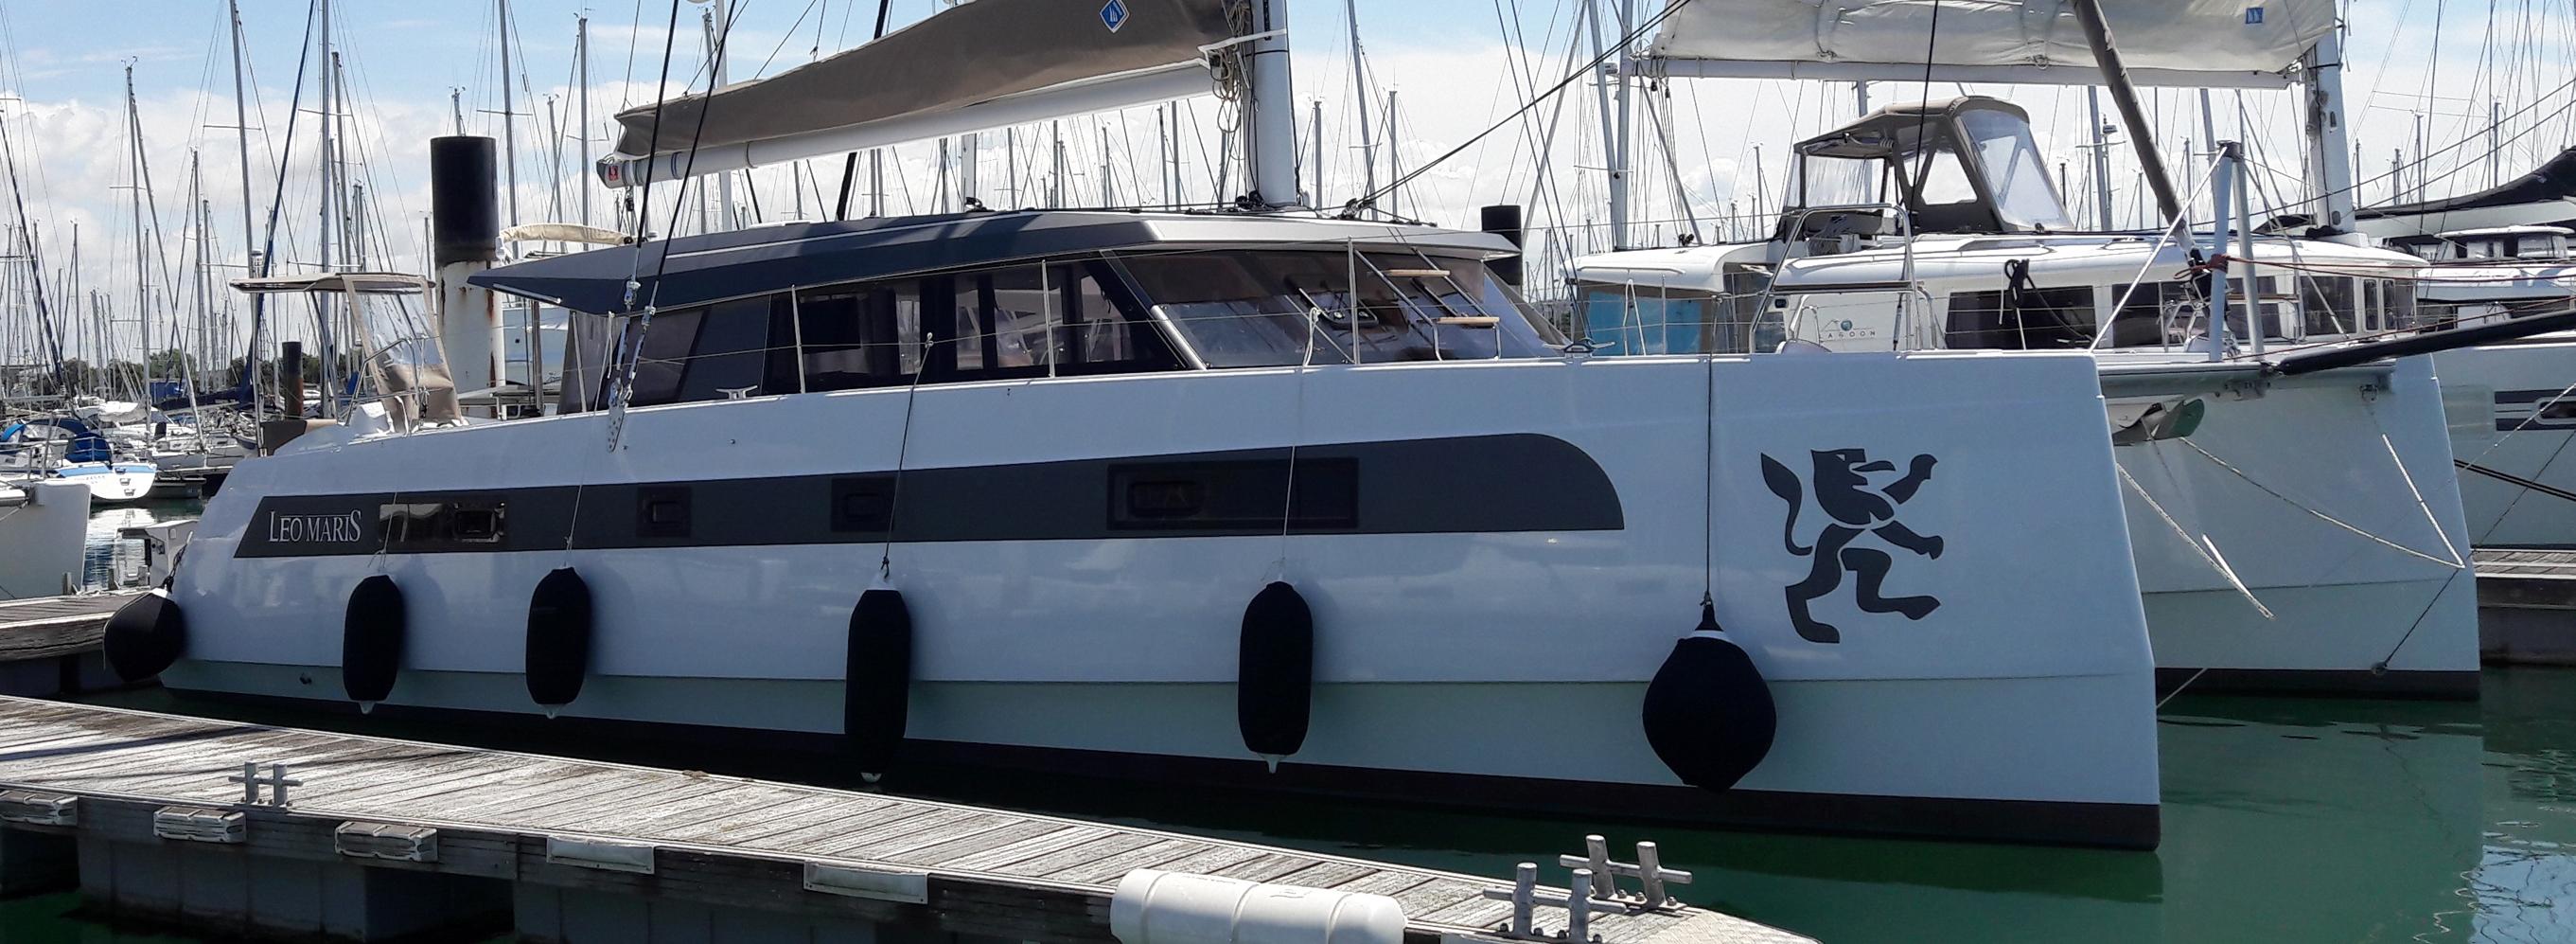 wrapping de bateau adhésif gris sur un Bavaria 46